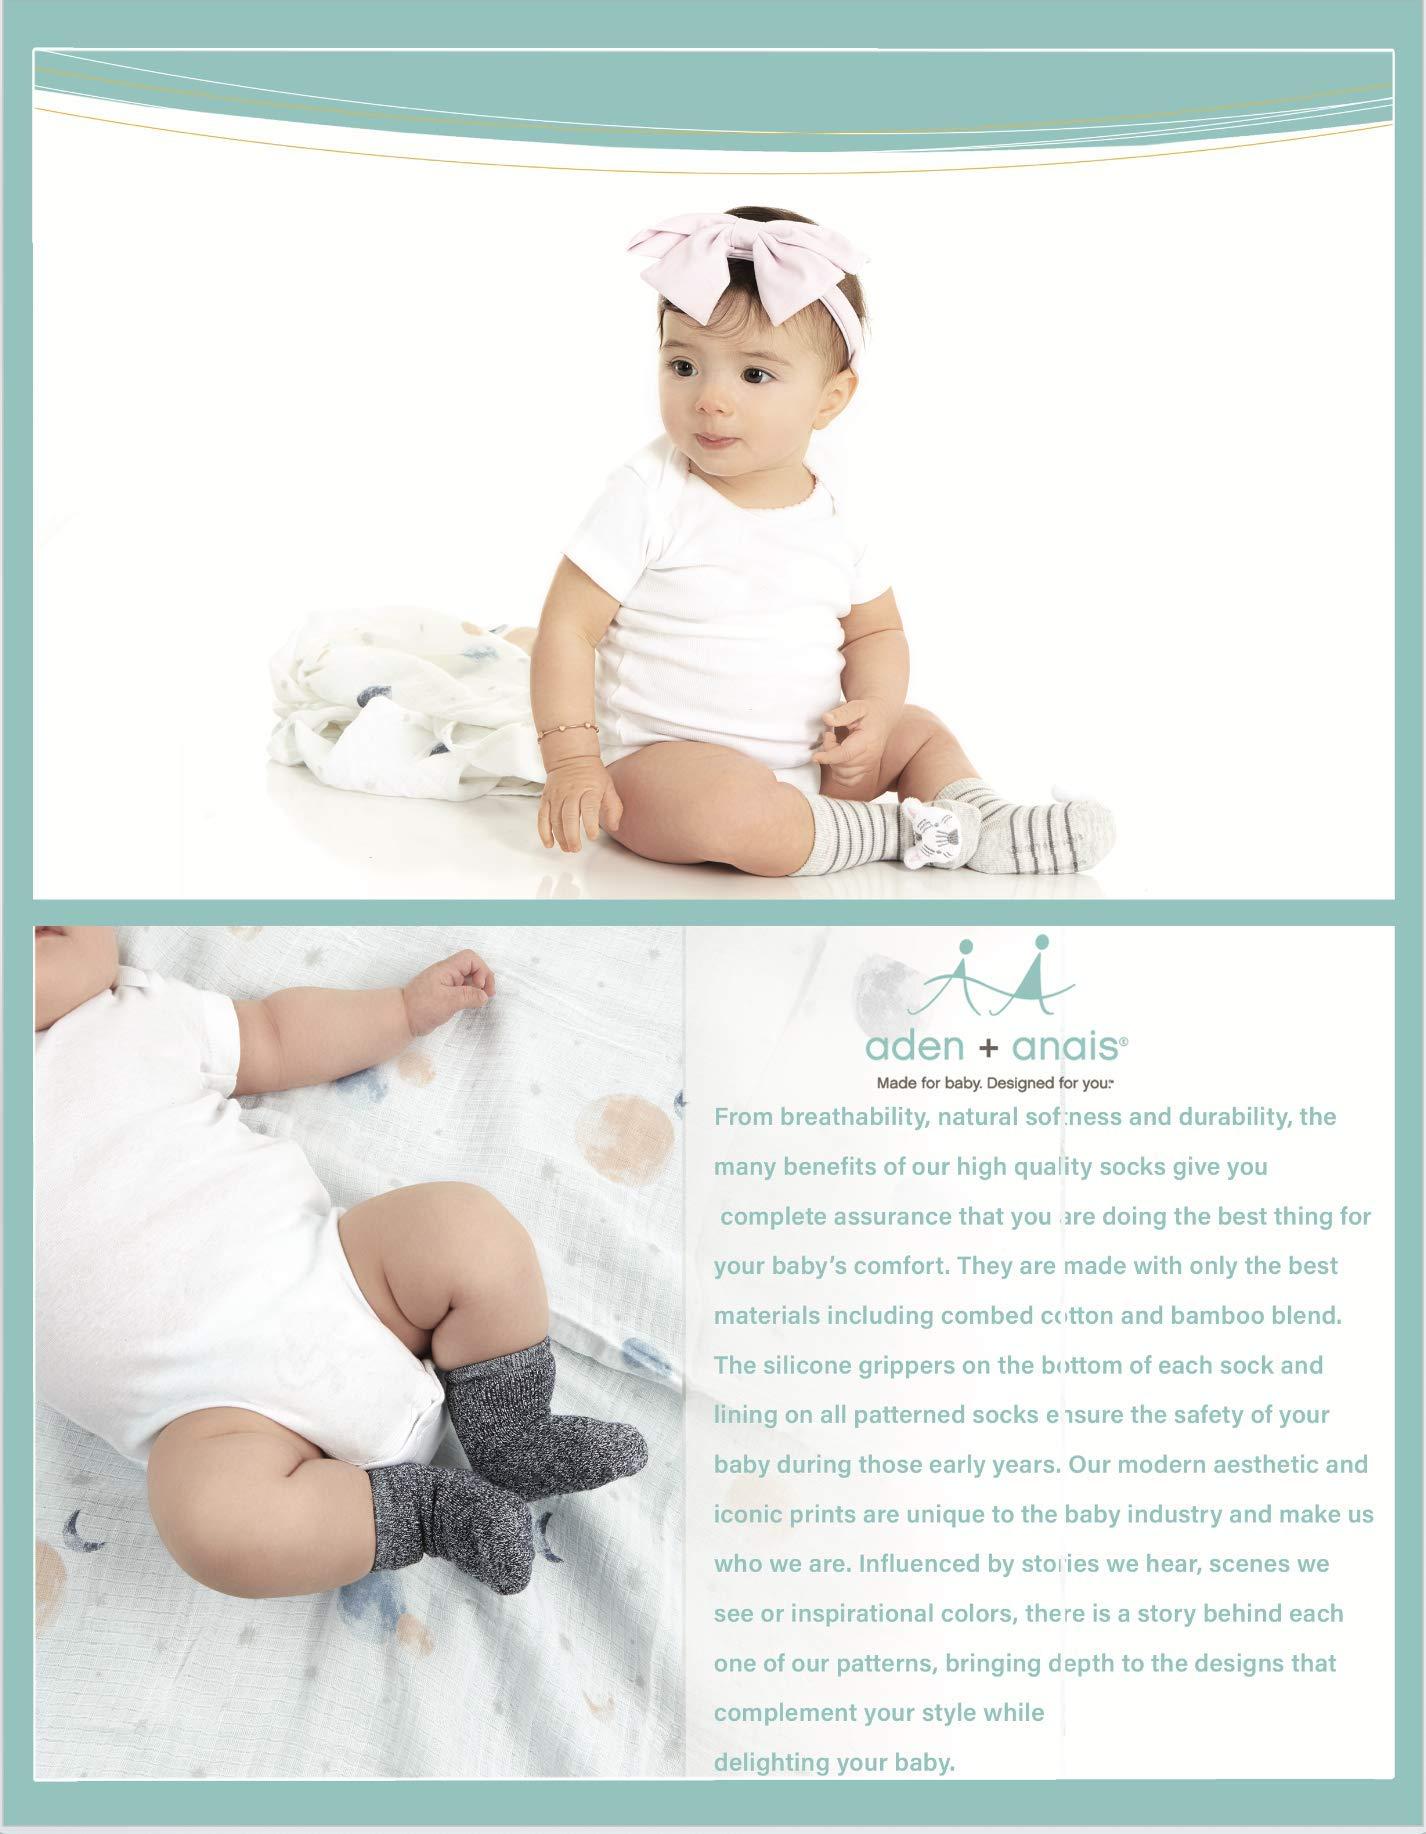 Aden & Anais - Calcetines de algodón peinado para bebé, diseño de estrellas, 6 unidades 5